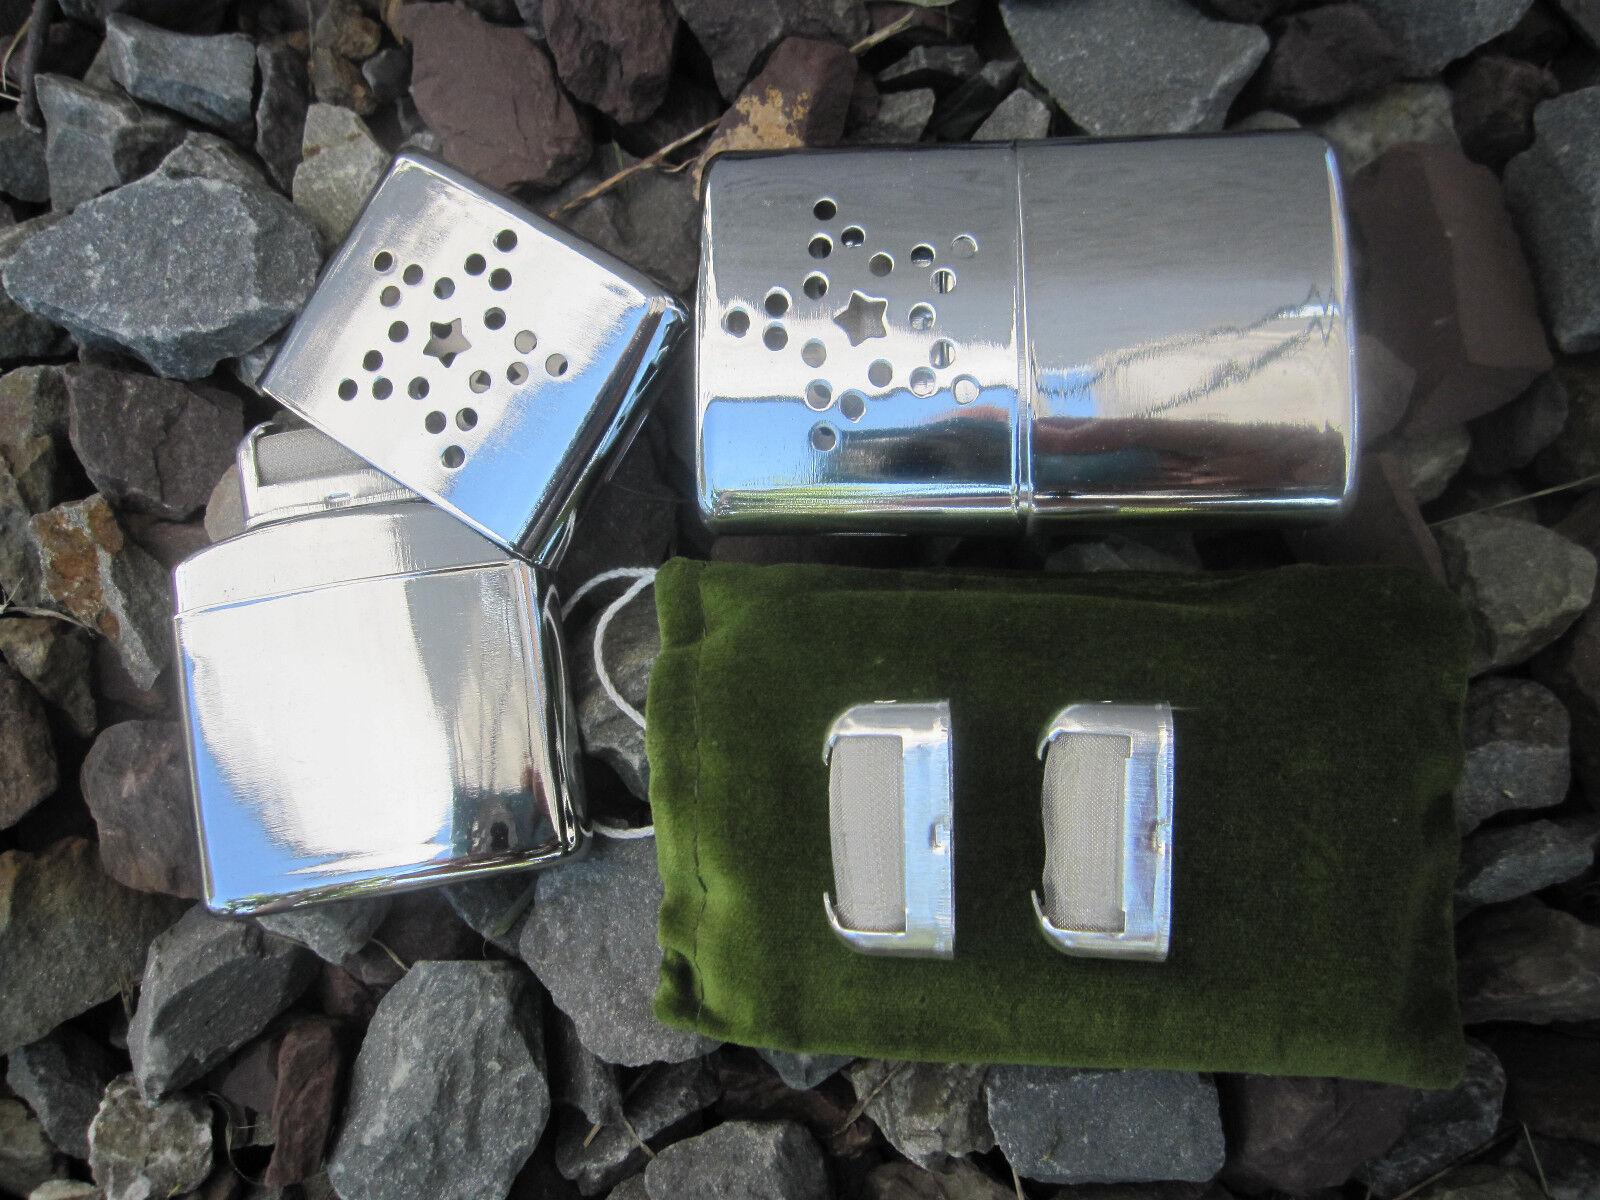 2 x Taschenwärmer + 2 x Ersatzbrennkopf Handwärmer Outdoor Taschenofen Benzin